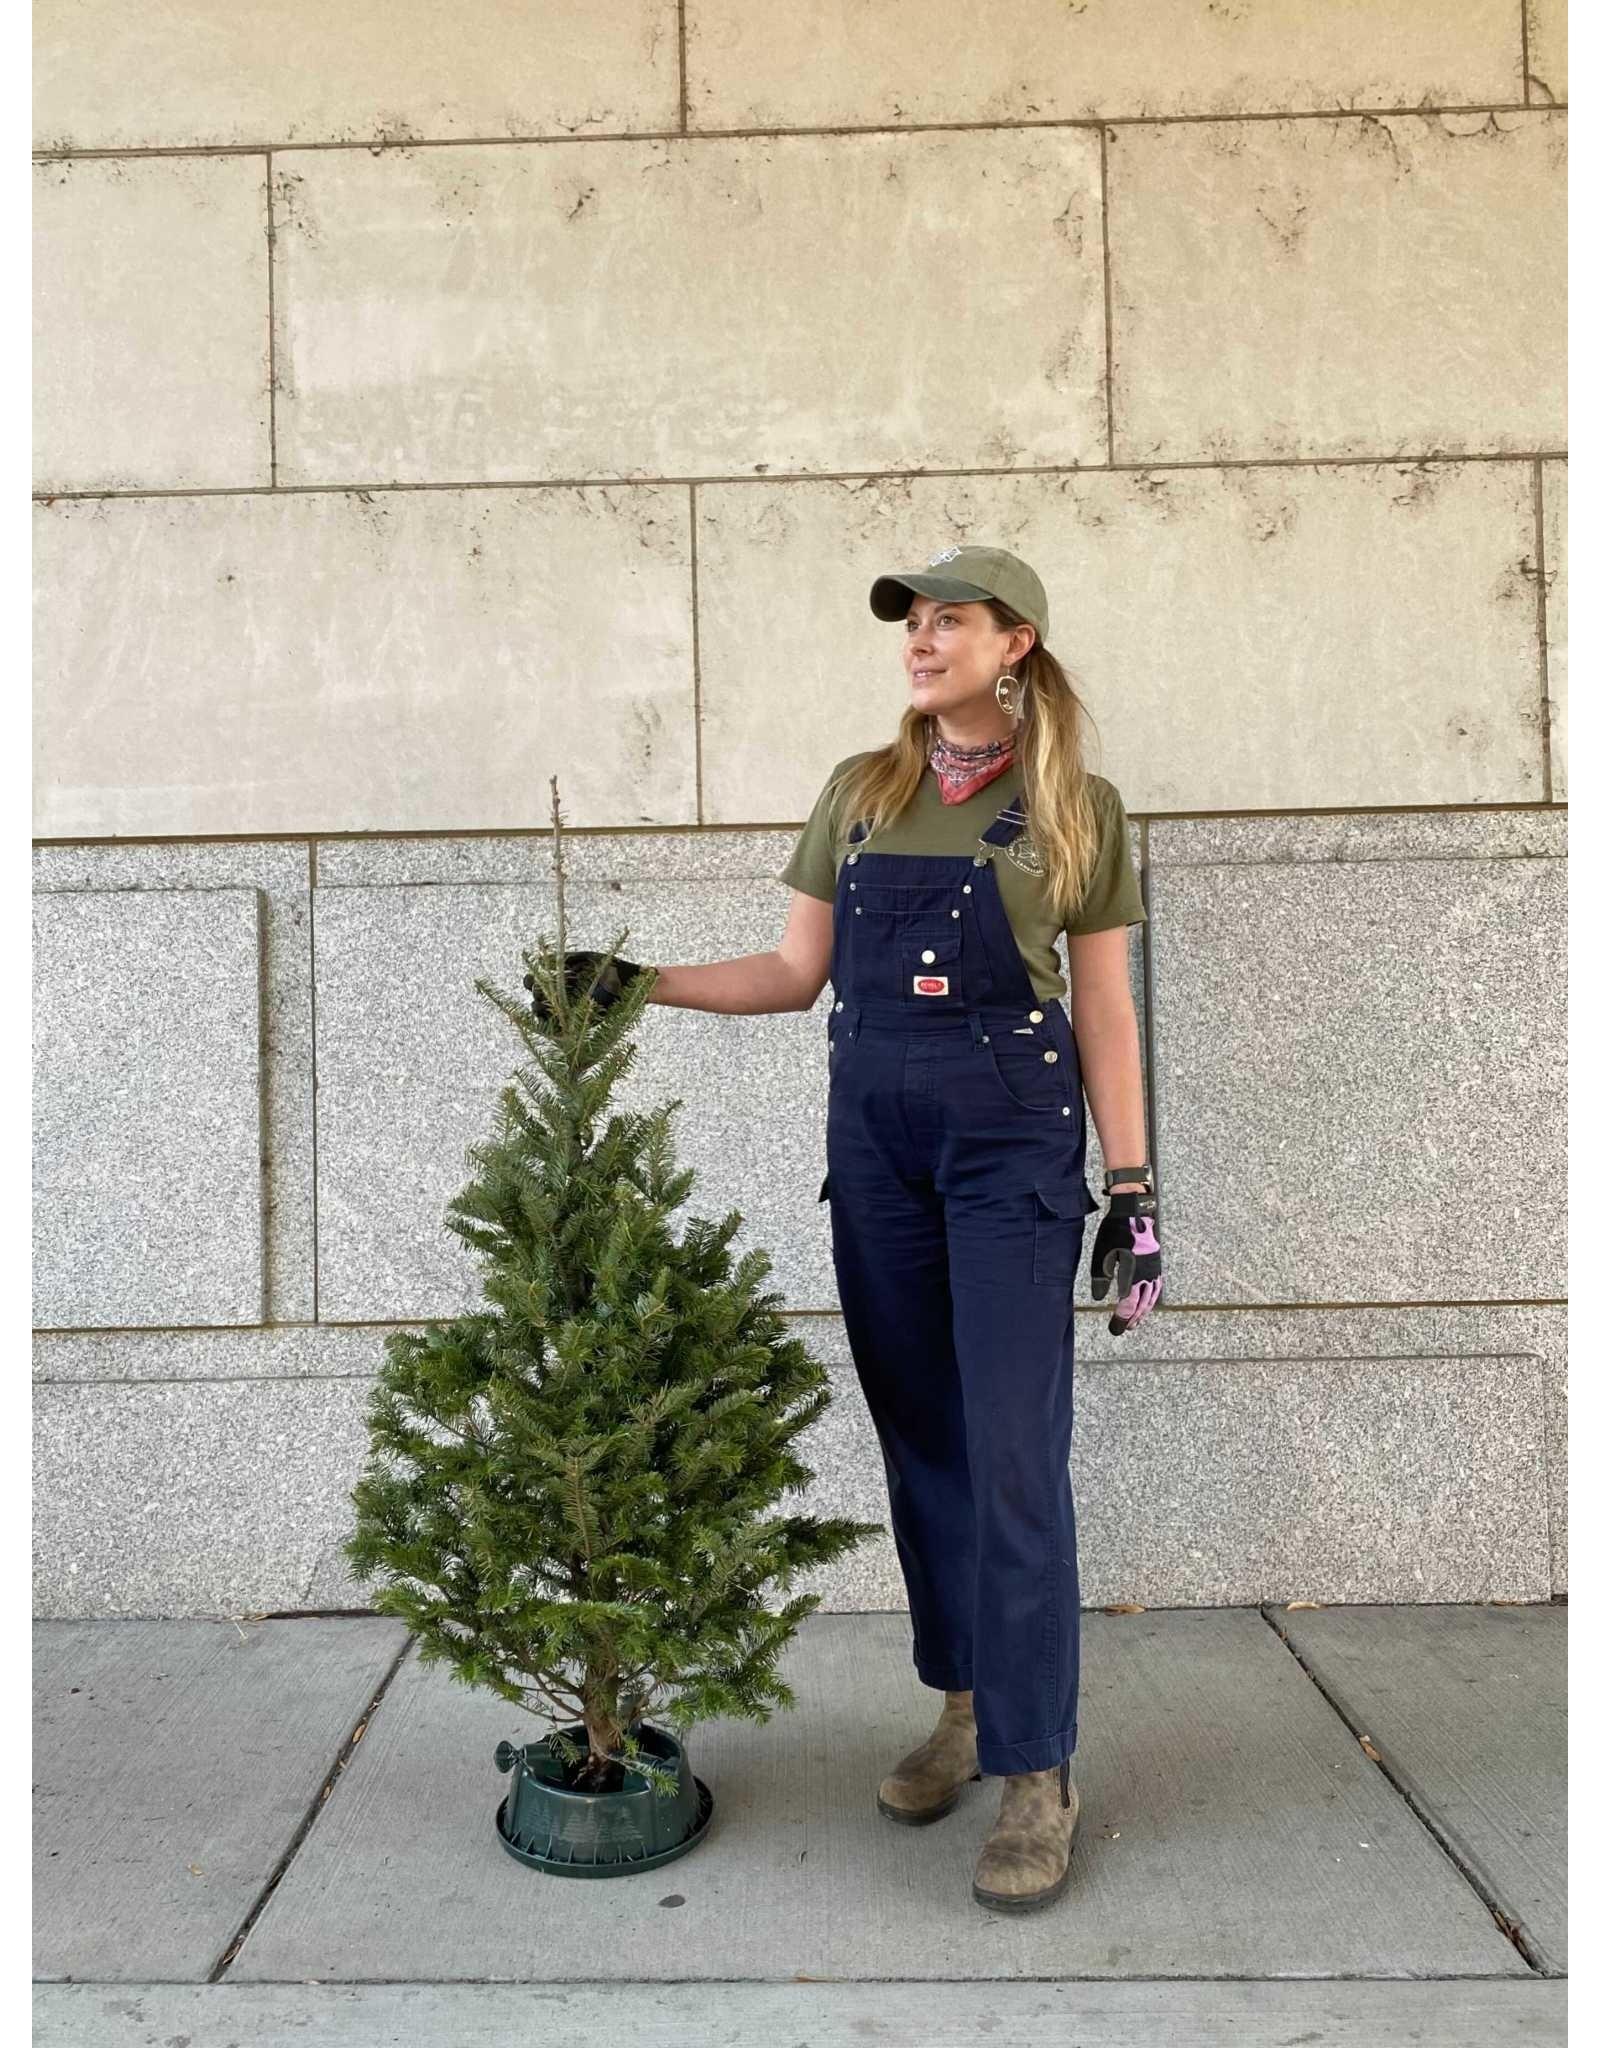 Christmas Tree- Fraser Fir - 3-5ft